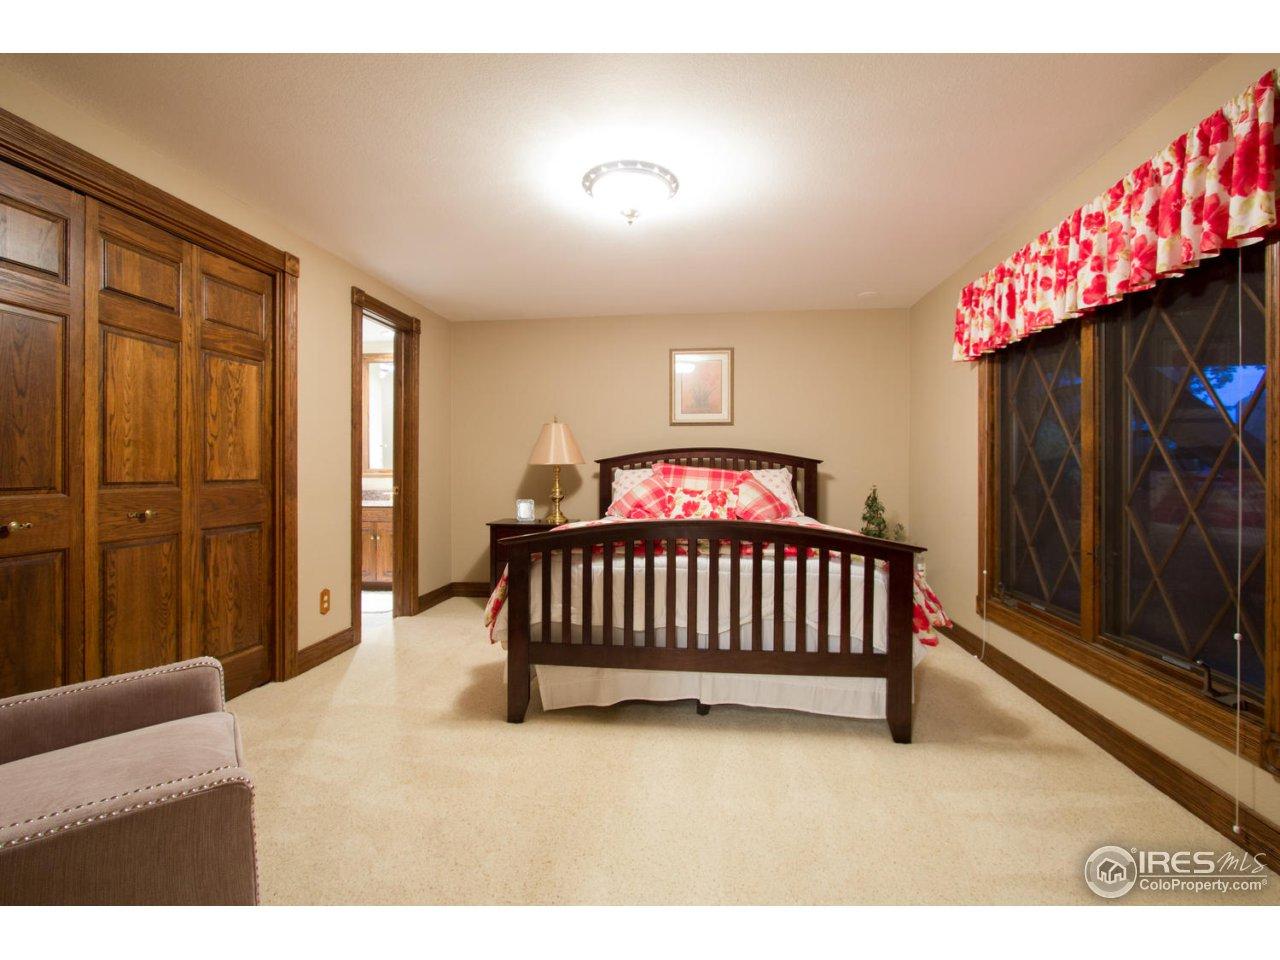 Bedroom basement